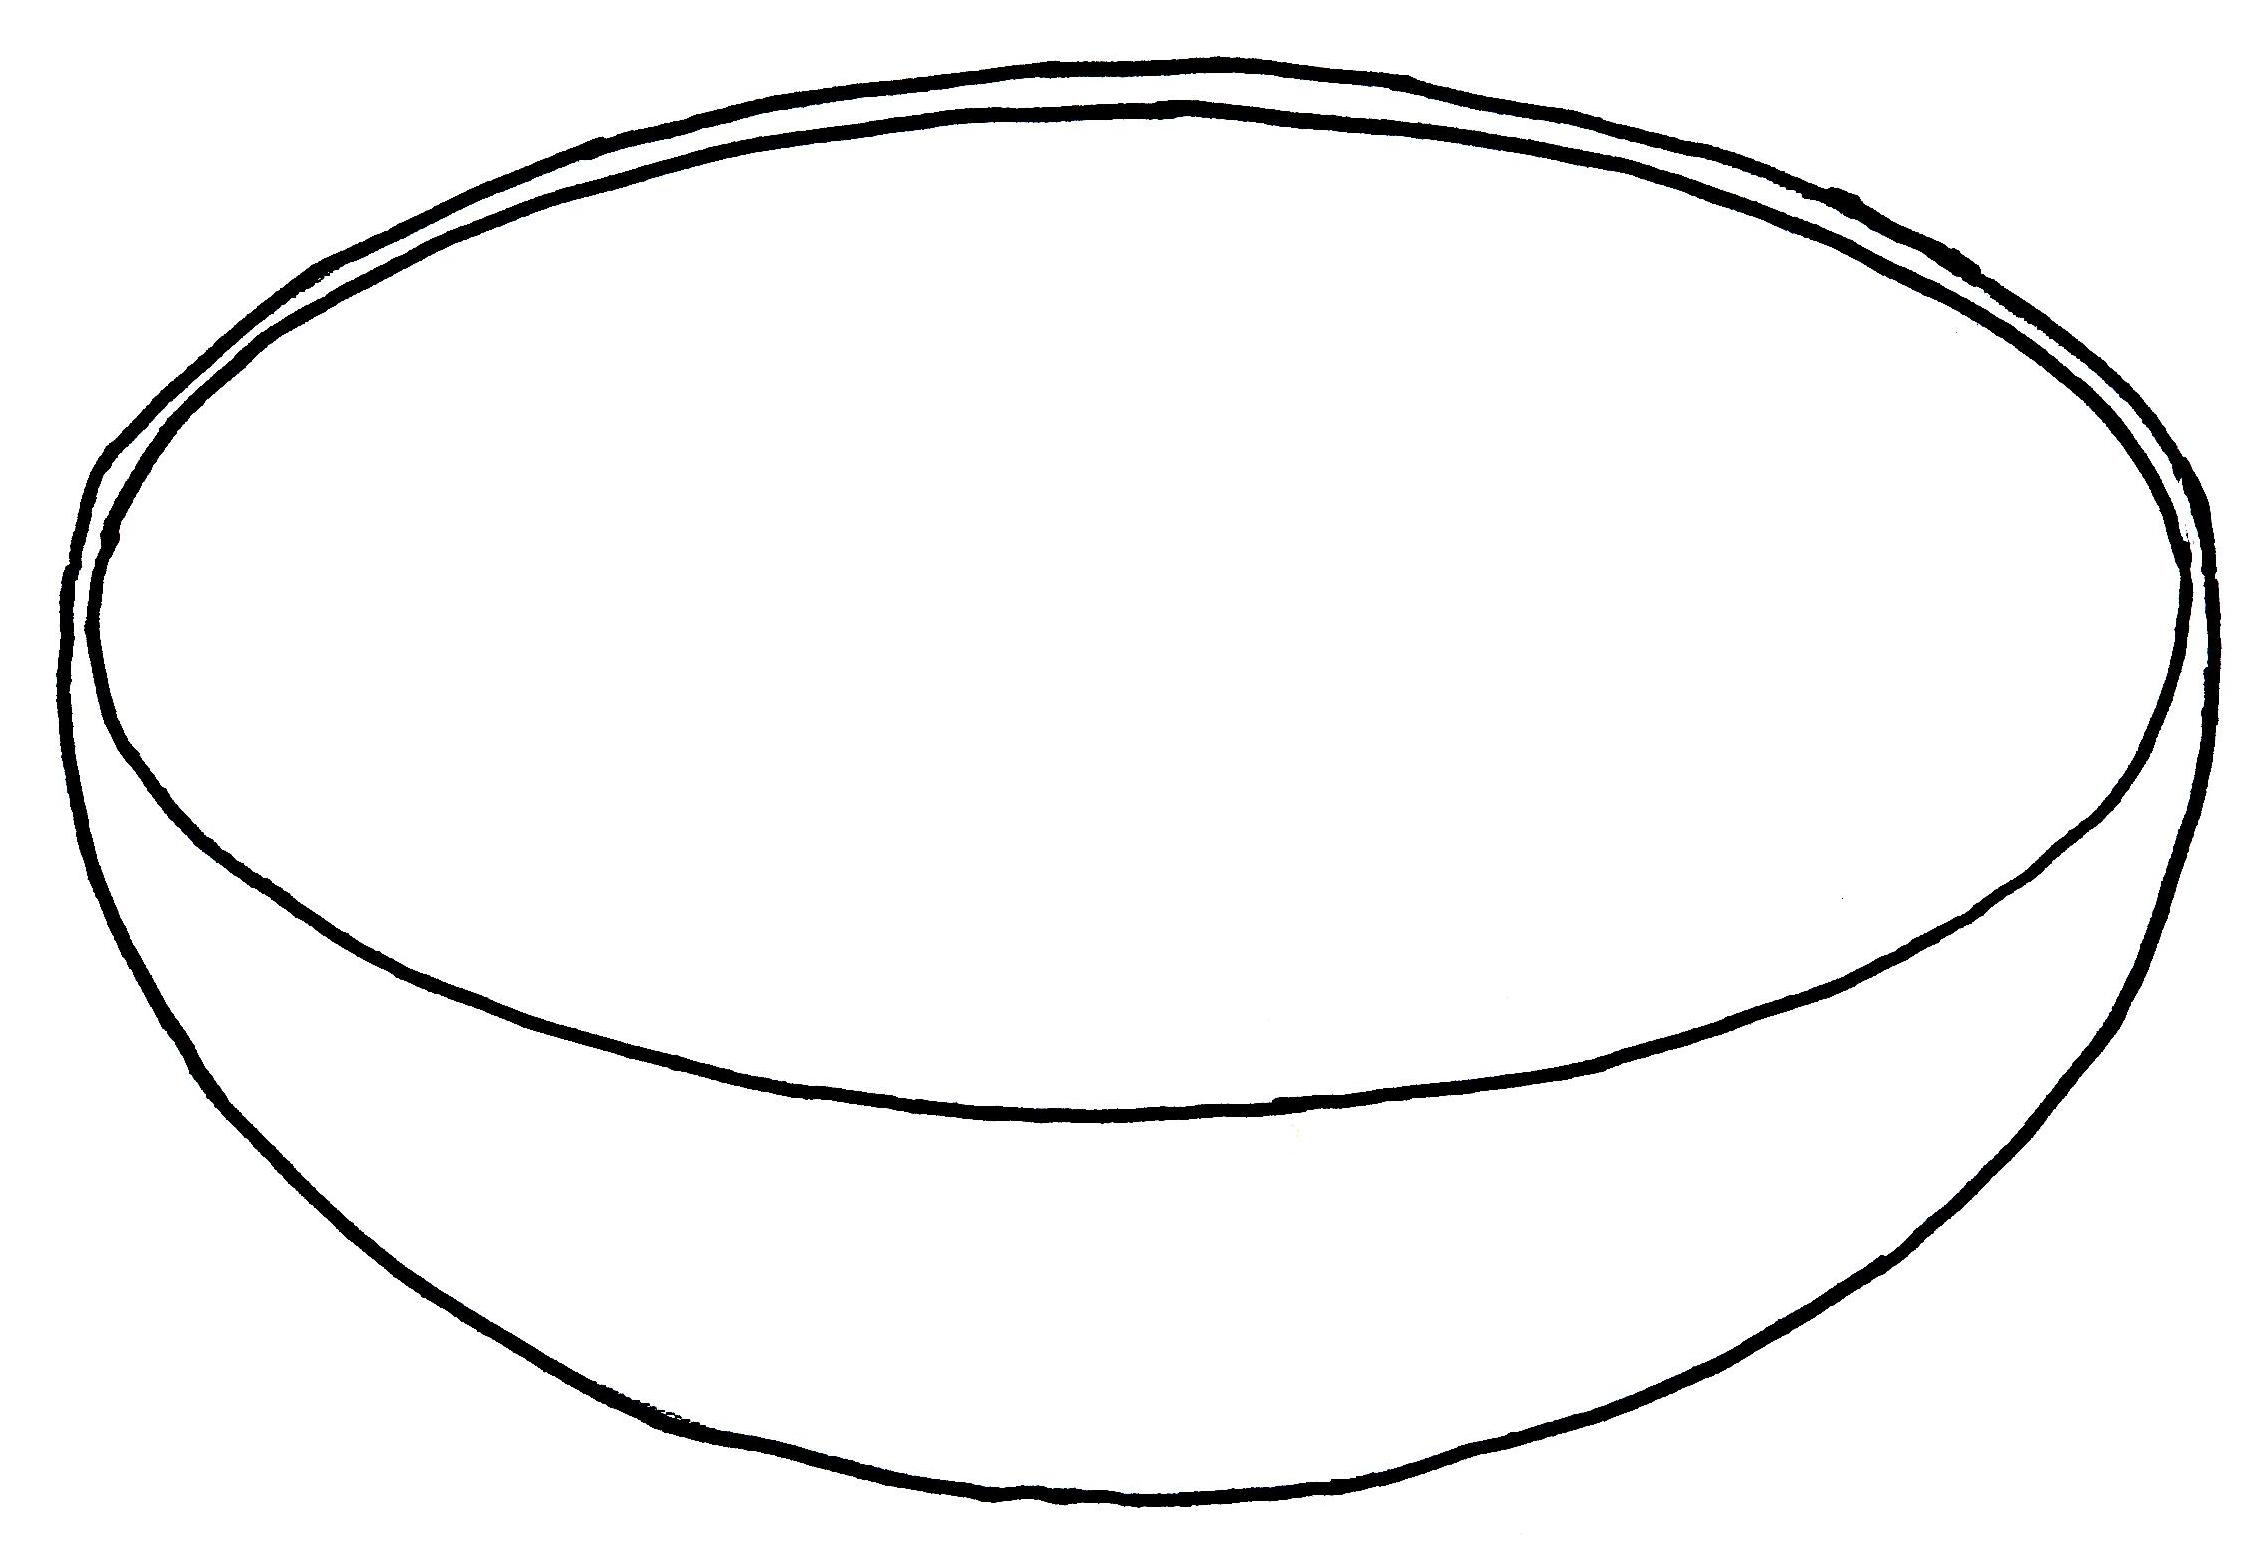 Basket Outline - ClipArt Best